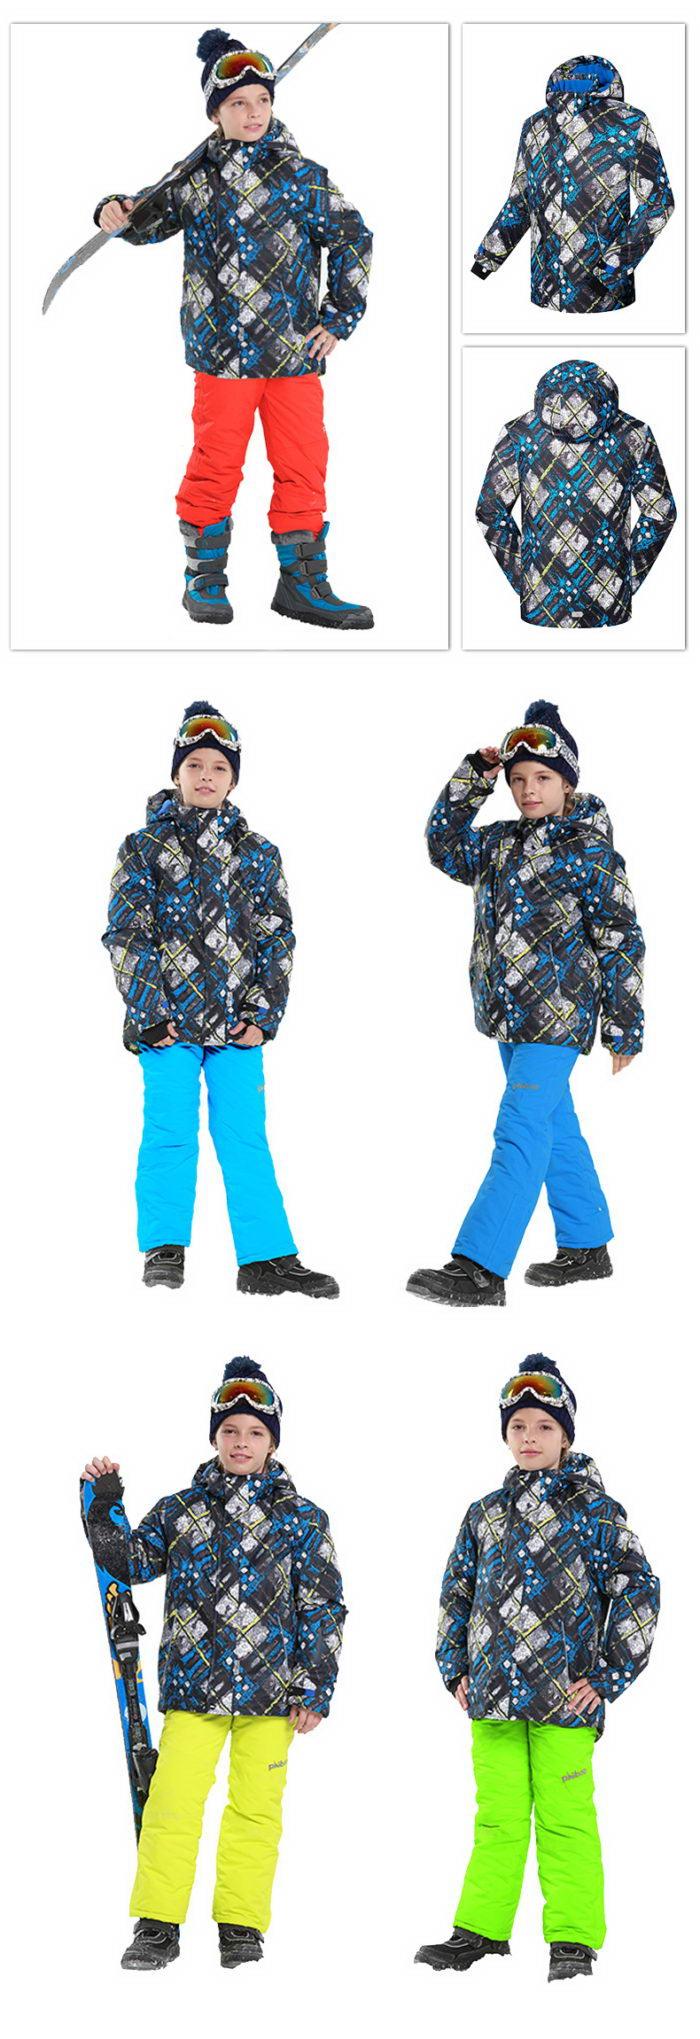 Купить горнолыжный костюм недорого